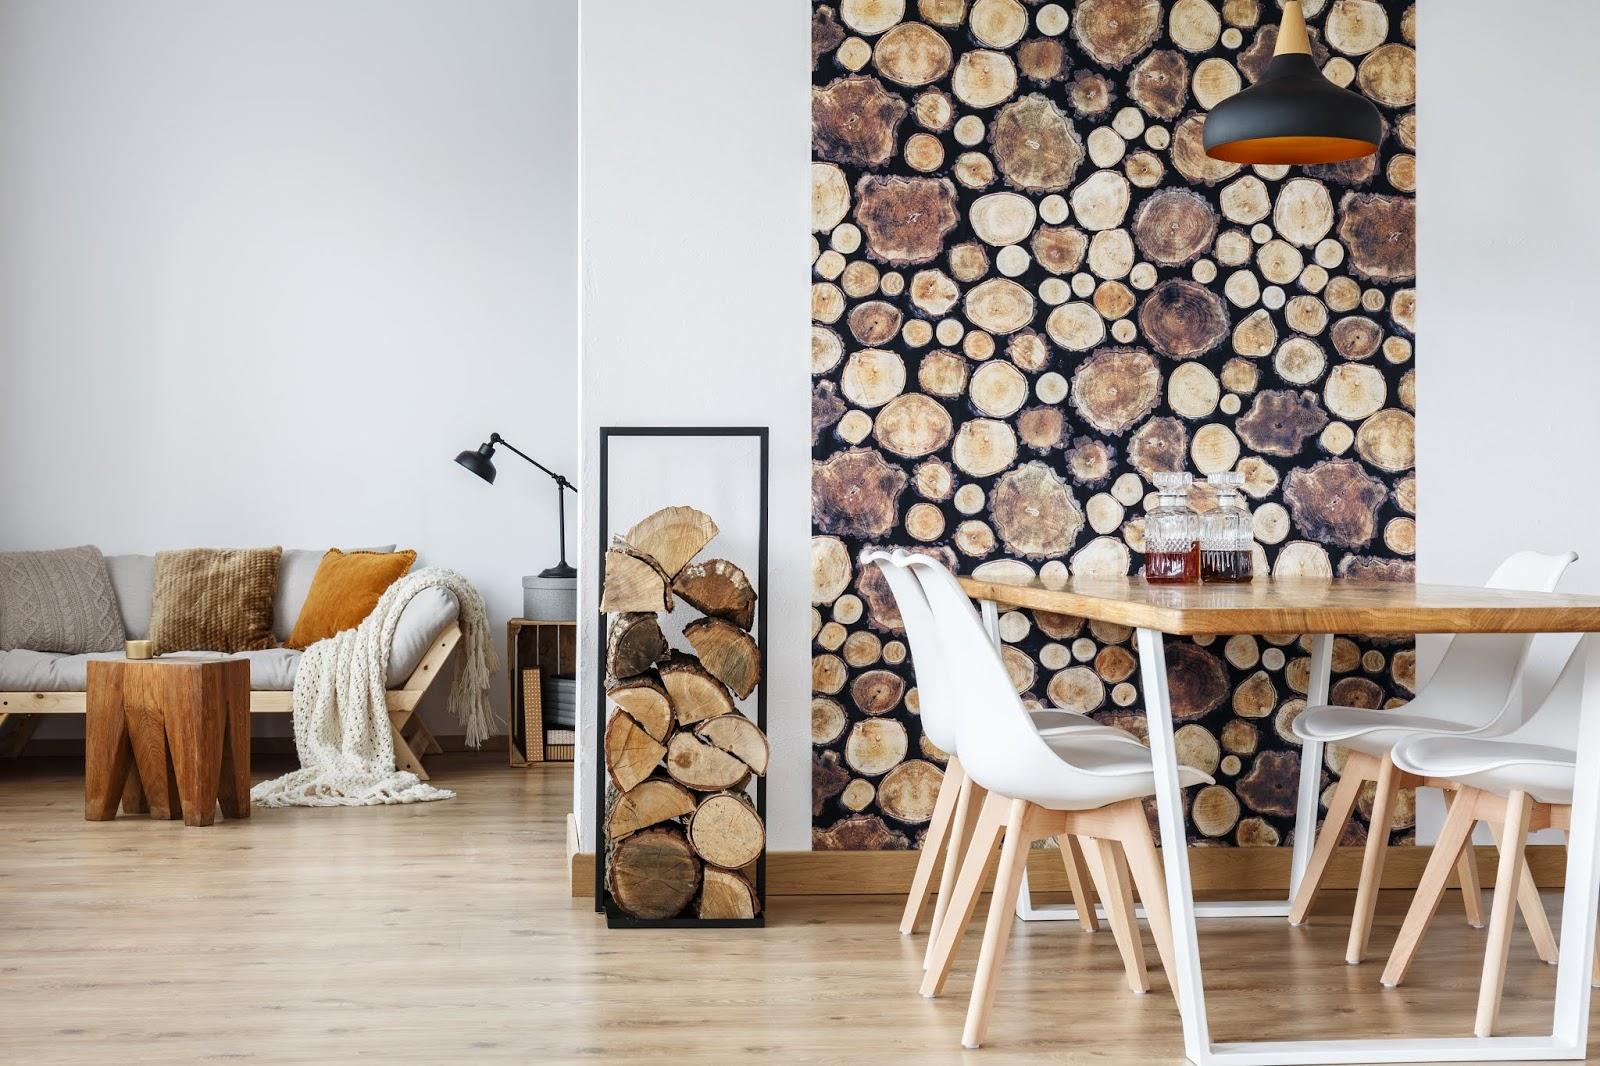 Sofá gris con mesa auxiliar o taburete de madera en bruto